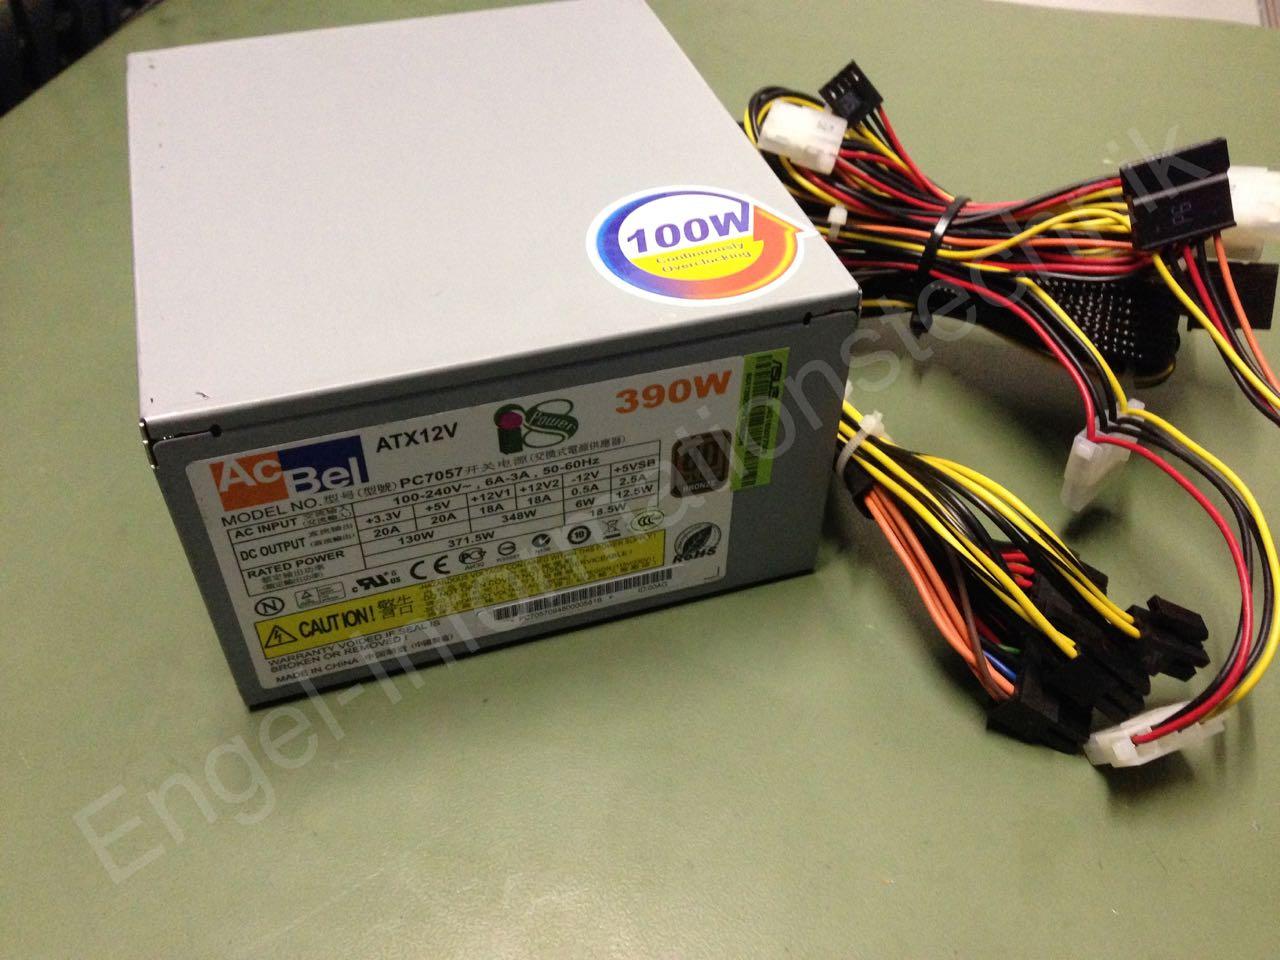 AcBel PC7057